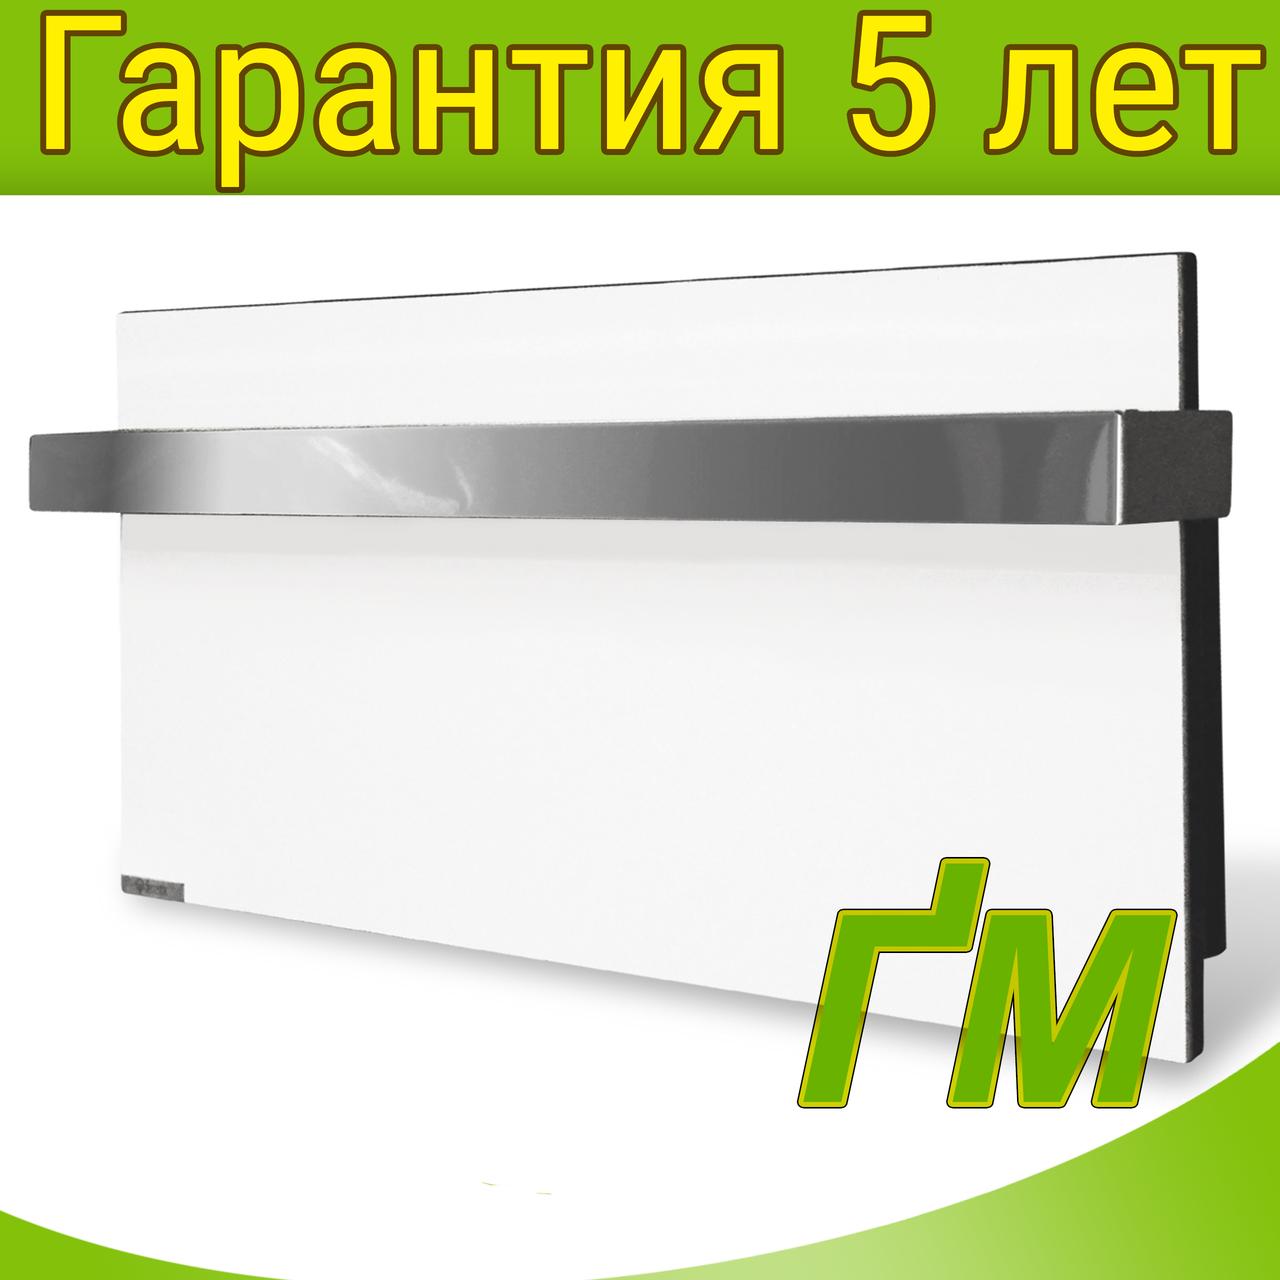 Электронагревательная панель Ceramic 250/220-TOWEL White